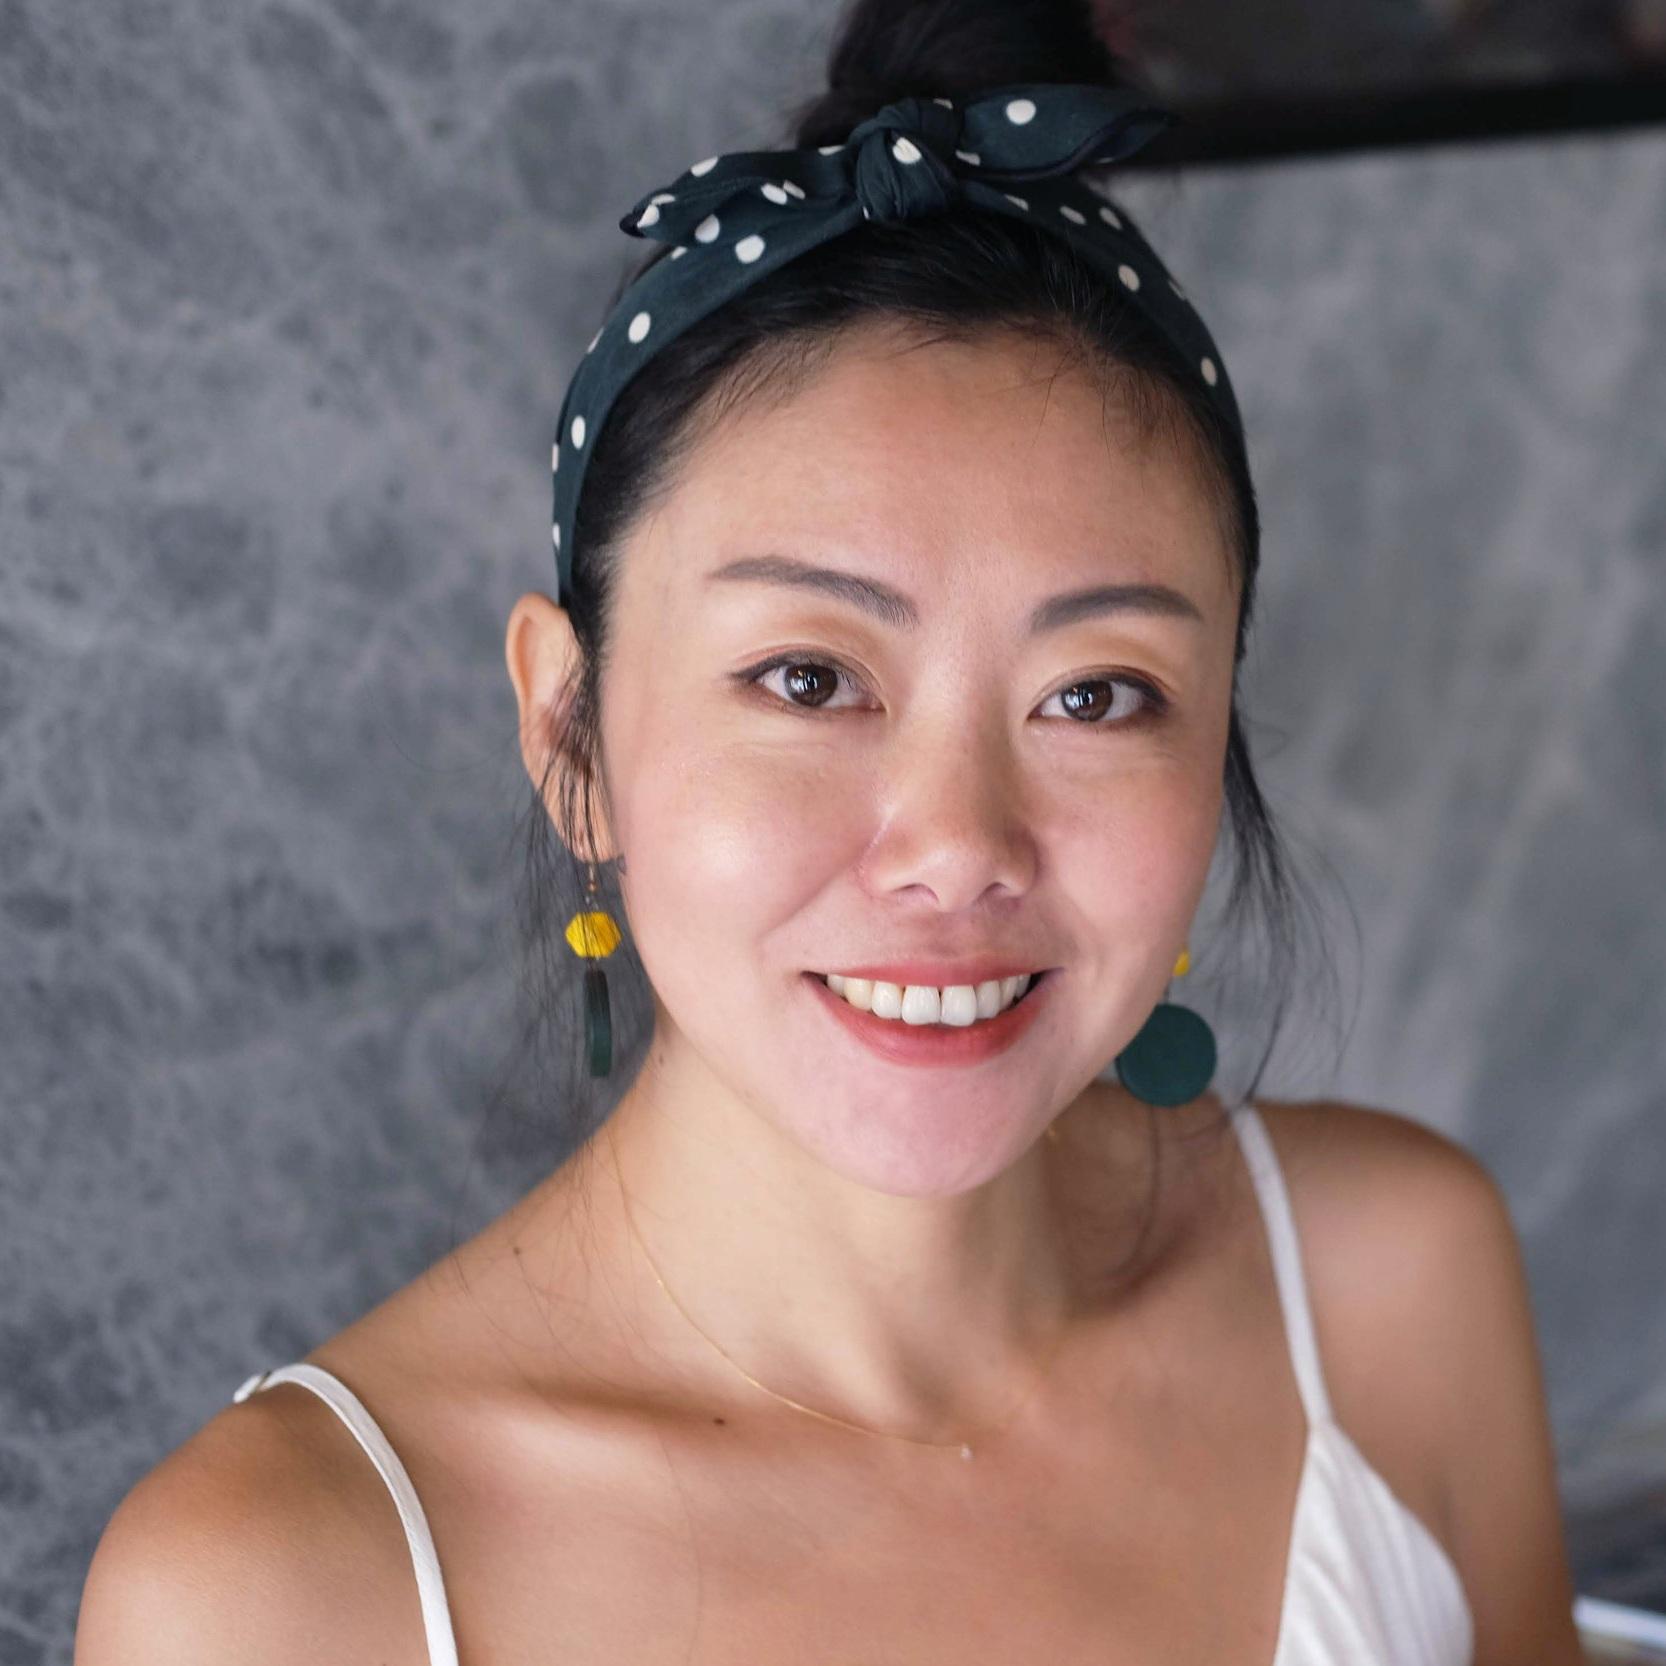 singapore-photographers-yan-zhang.jpg